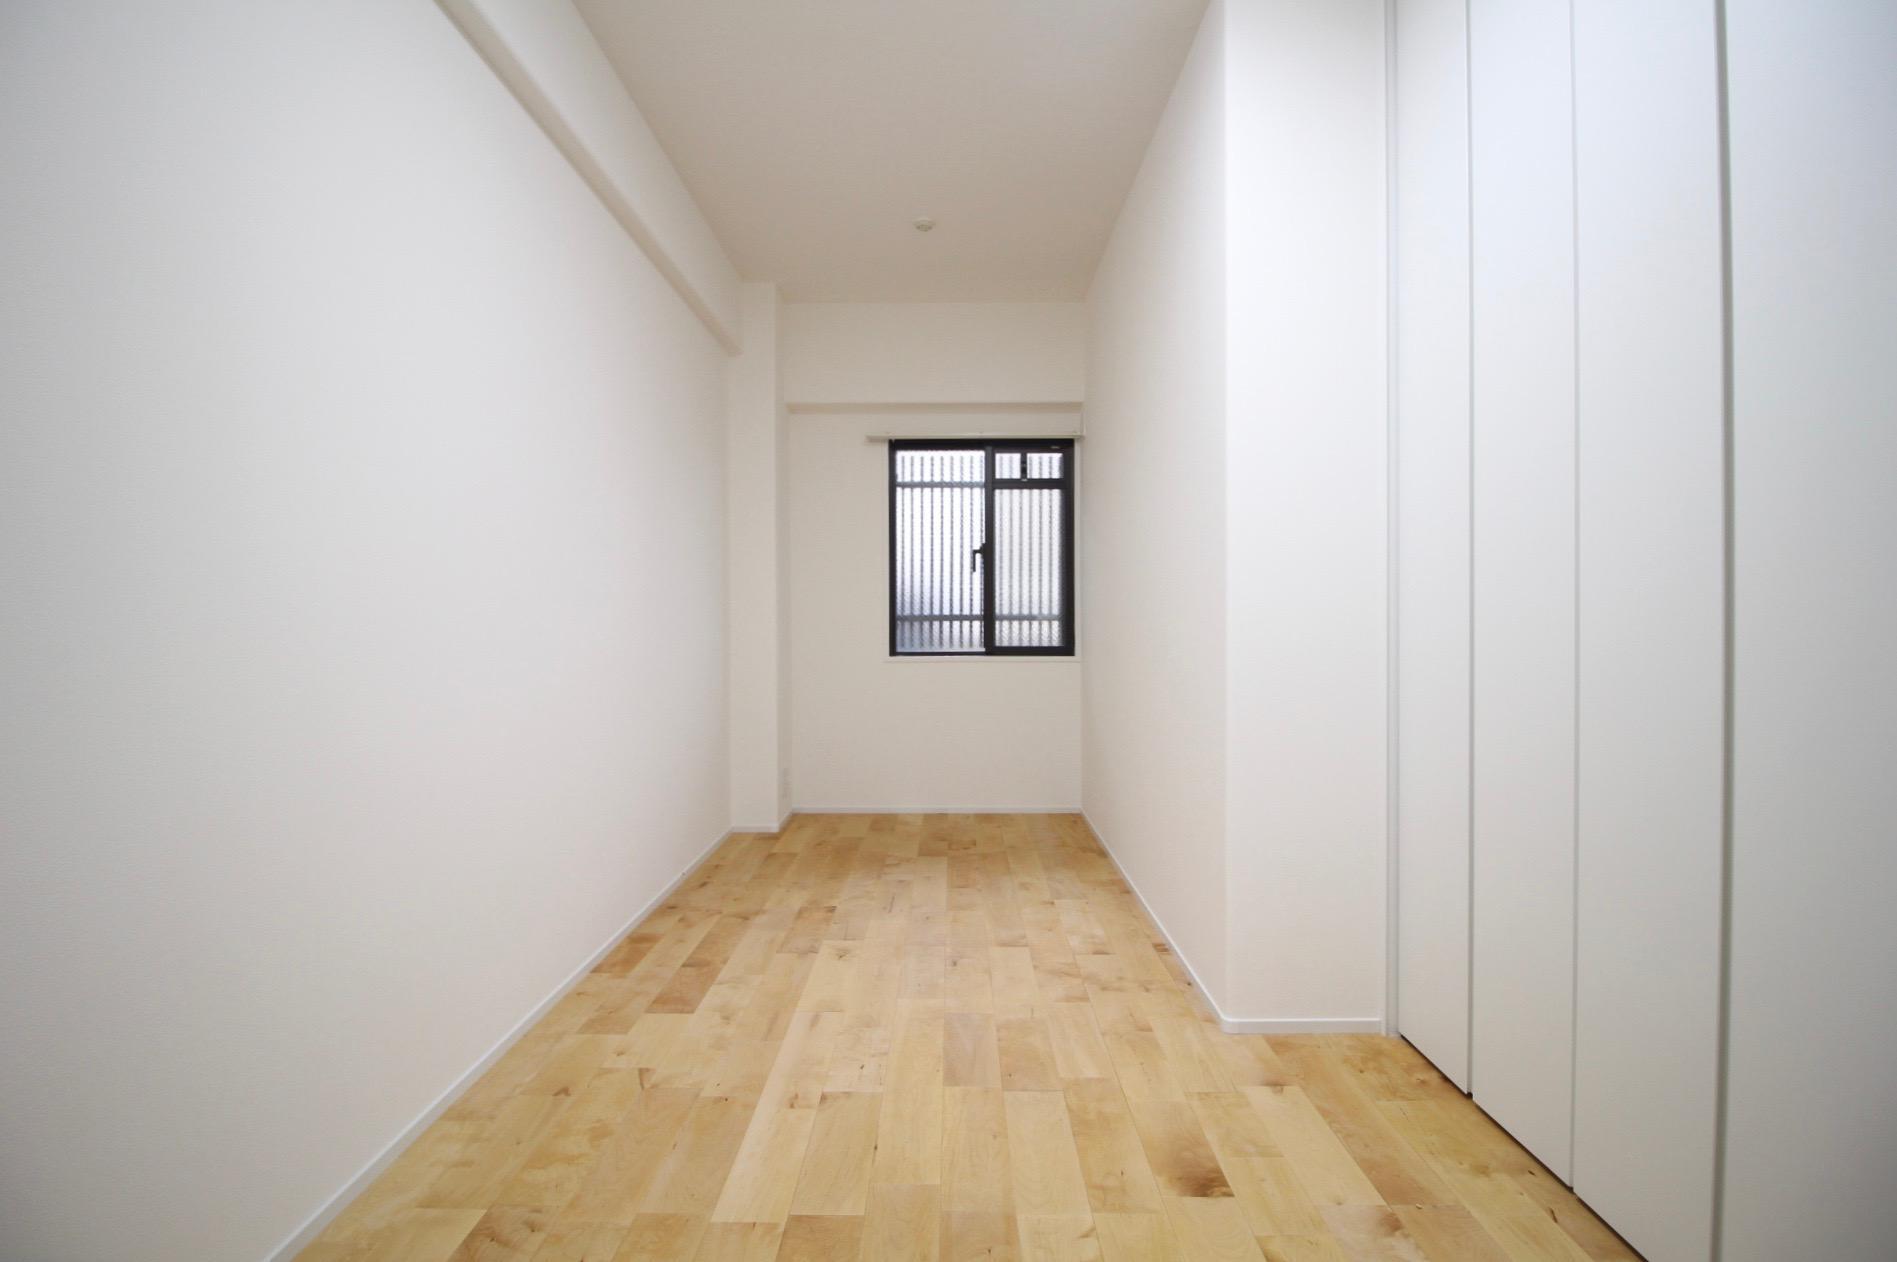 少し狭いこちらの部屋は書斎や納戸にも